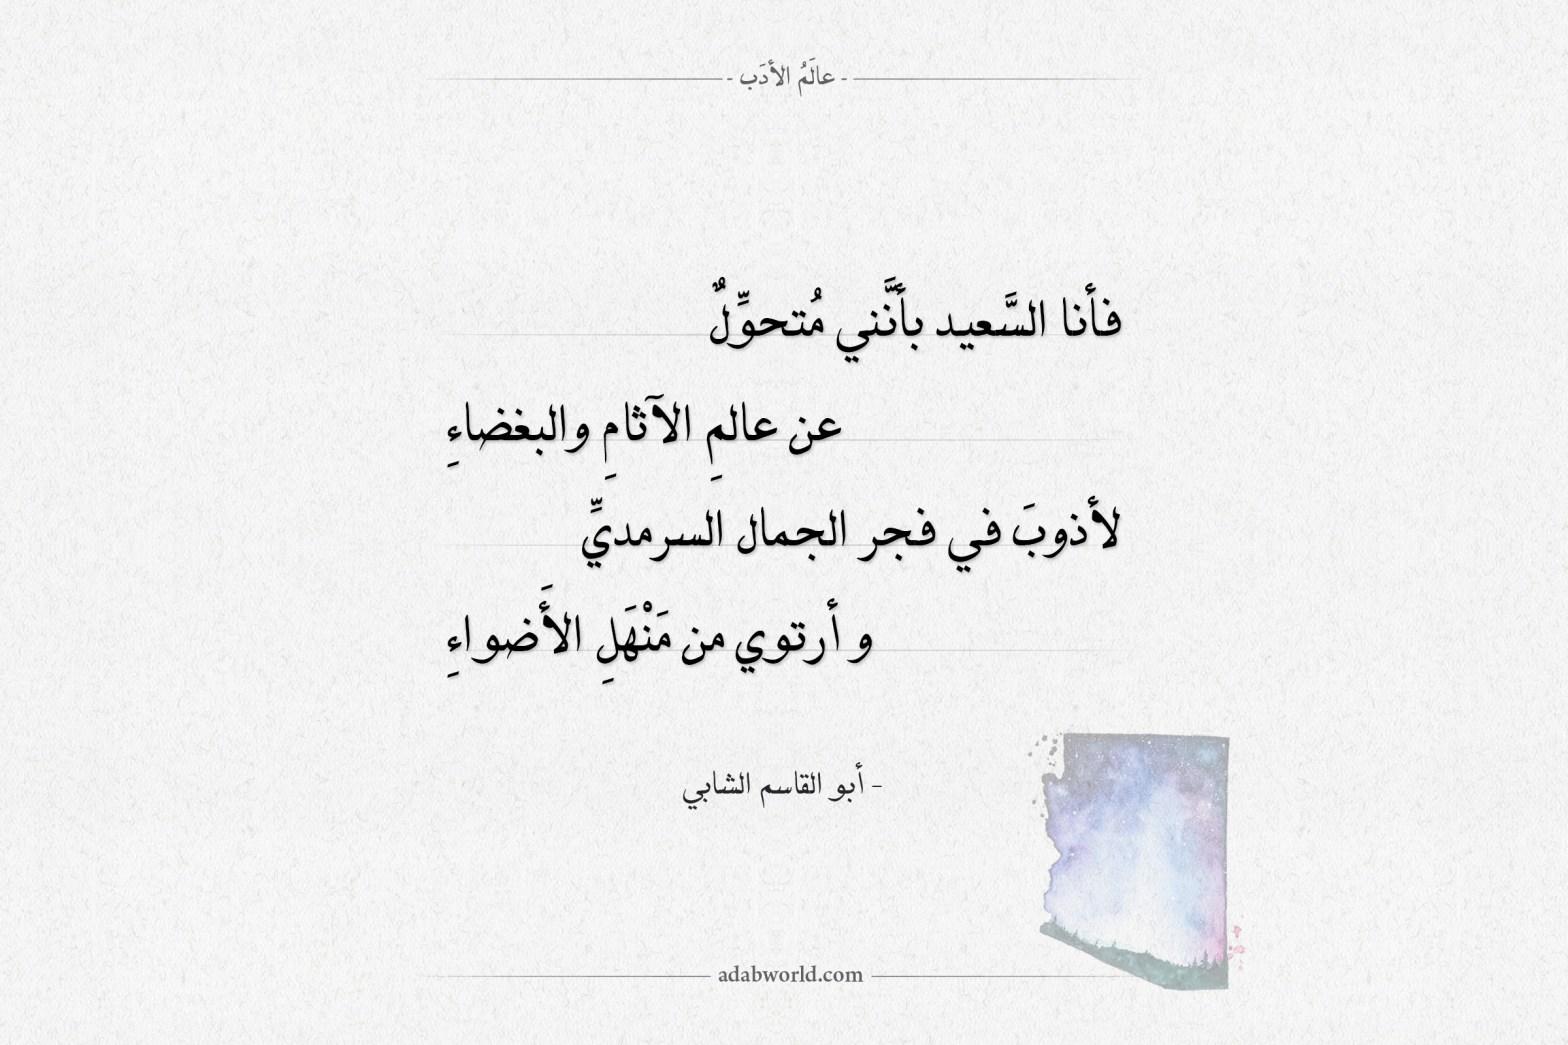 شعر أبو القاسم الشابي لأذوب في فجر الجمال